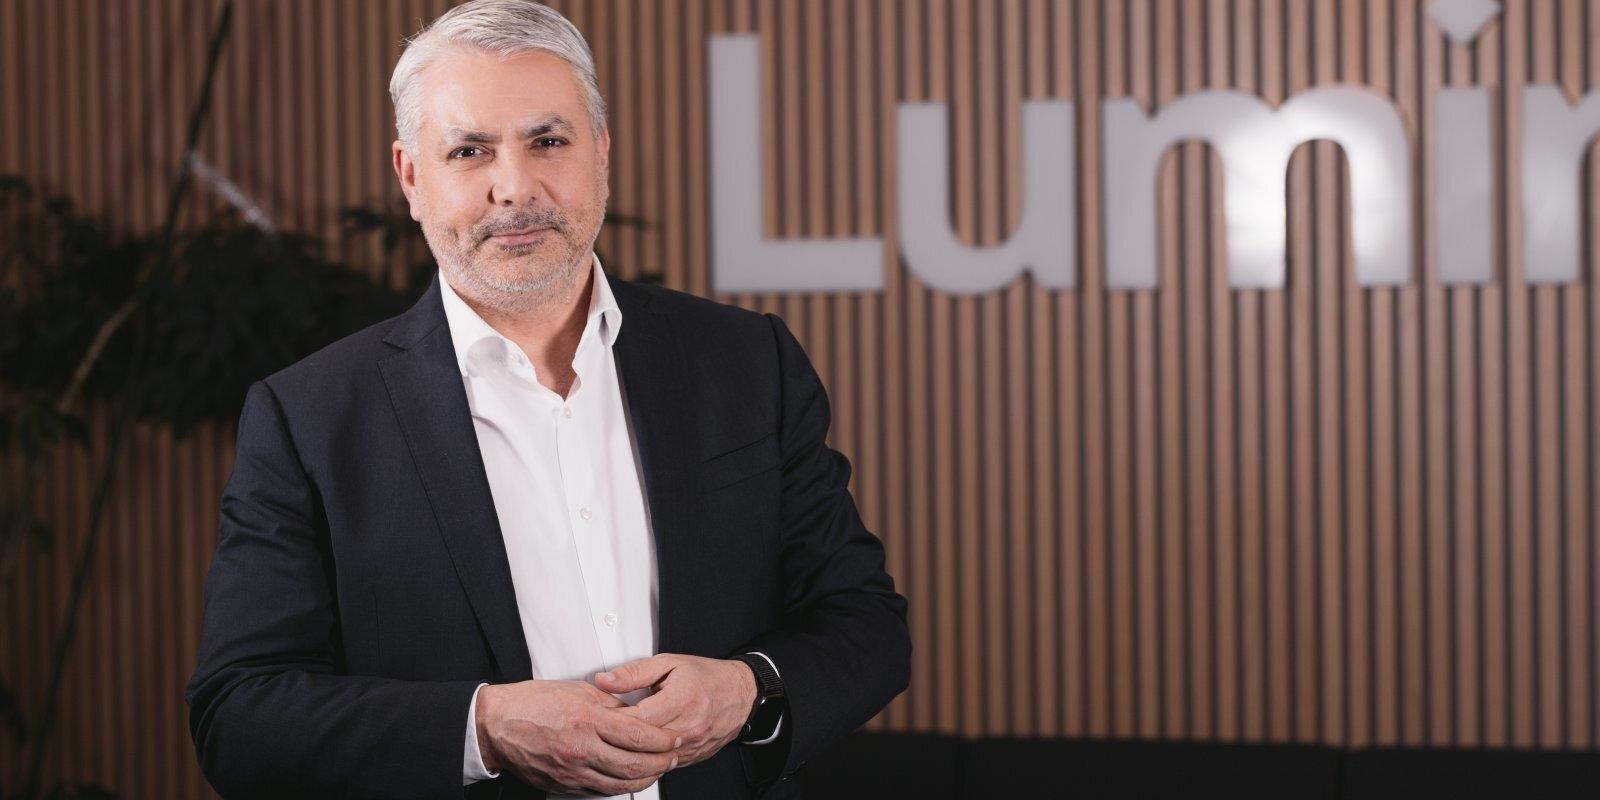 'Luminor' jaunais vadītājs: pirmo reizi bankas ir atbildīgas par cerību radīšanu